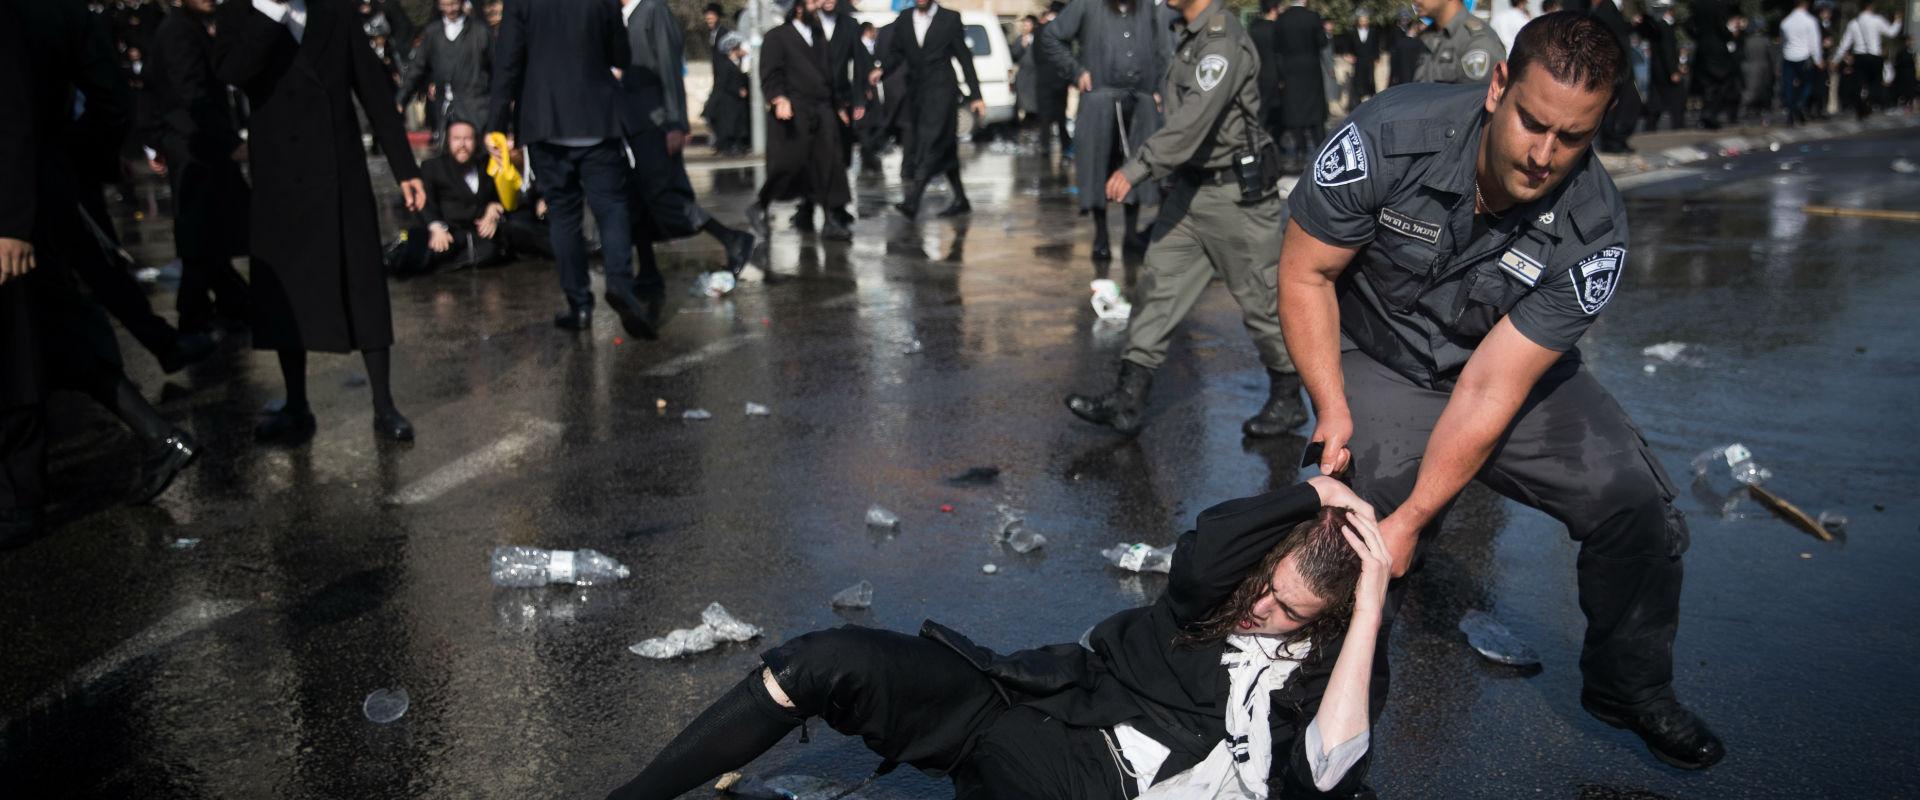 הפגנת החרדים בירושלים אתמול